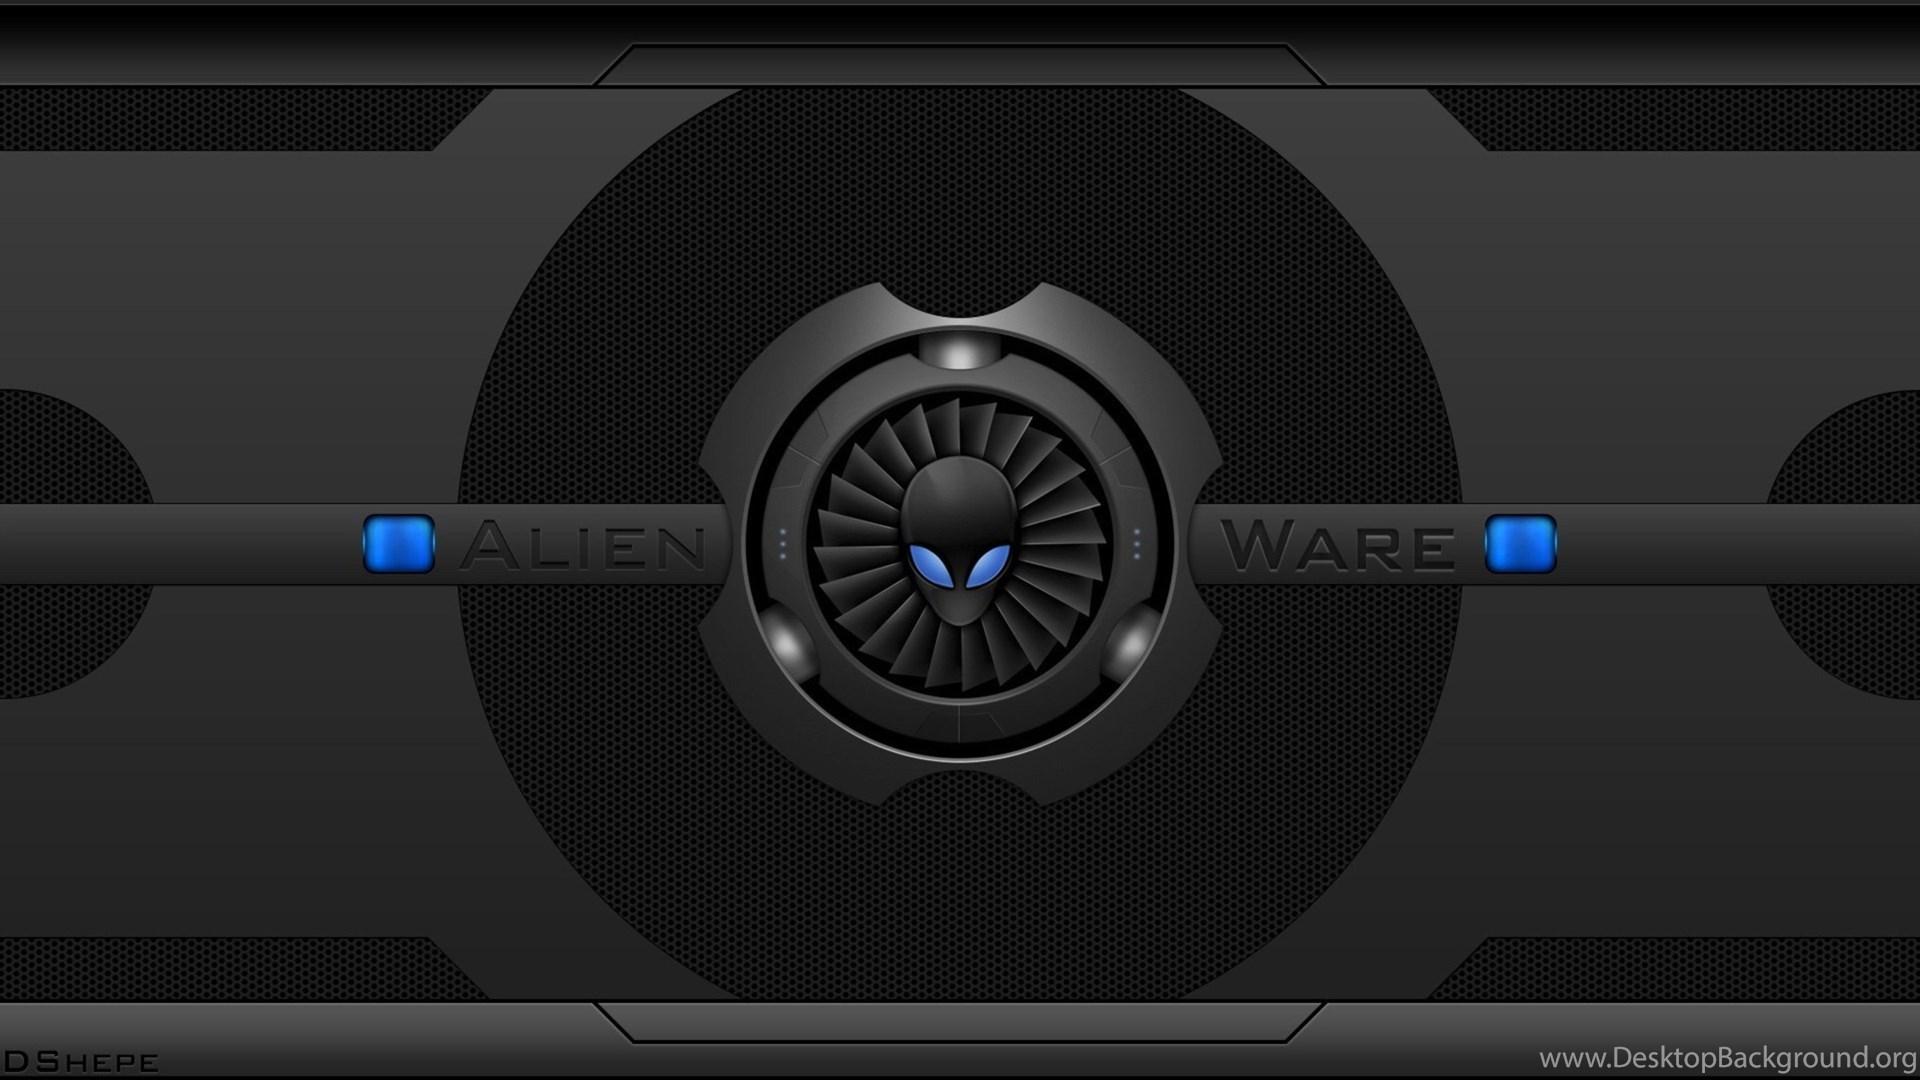 alienware hd wallpapers desktop background